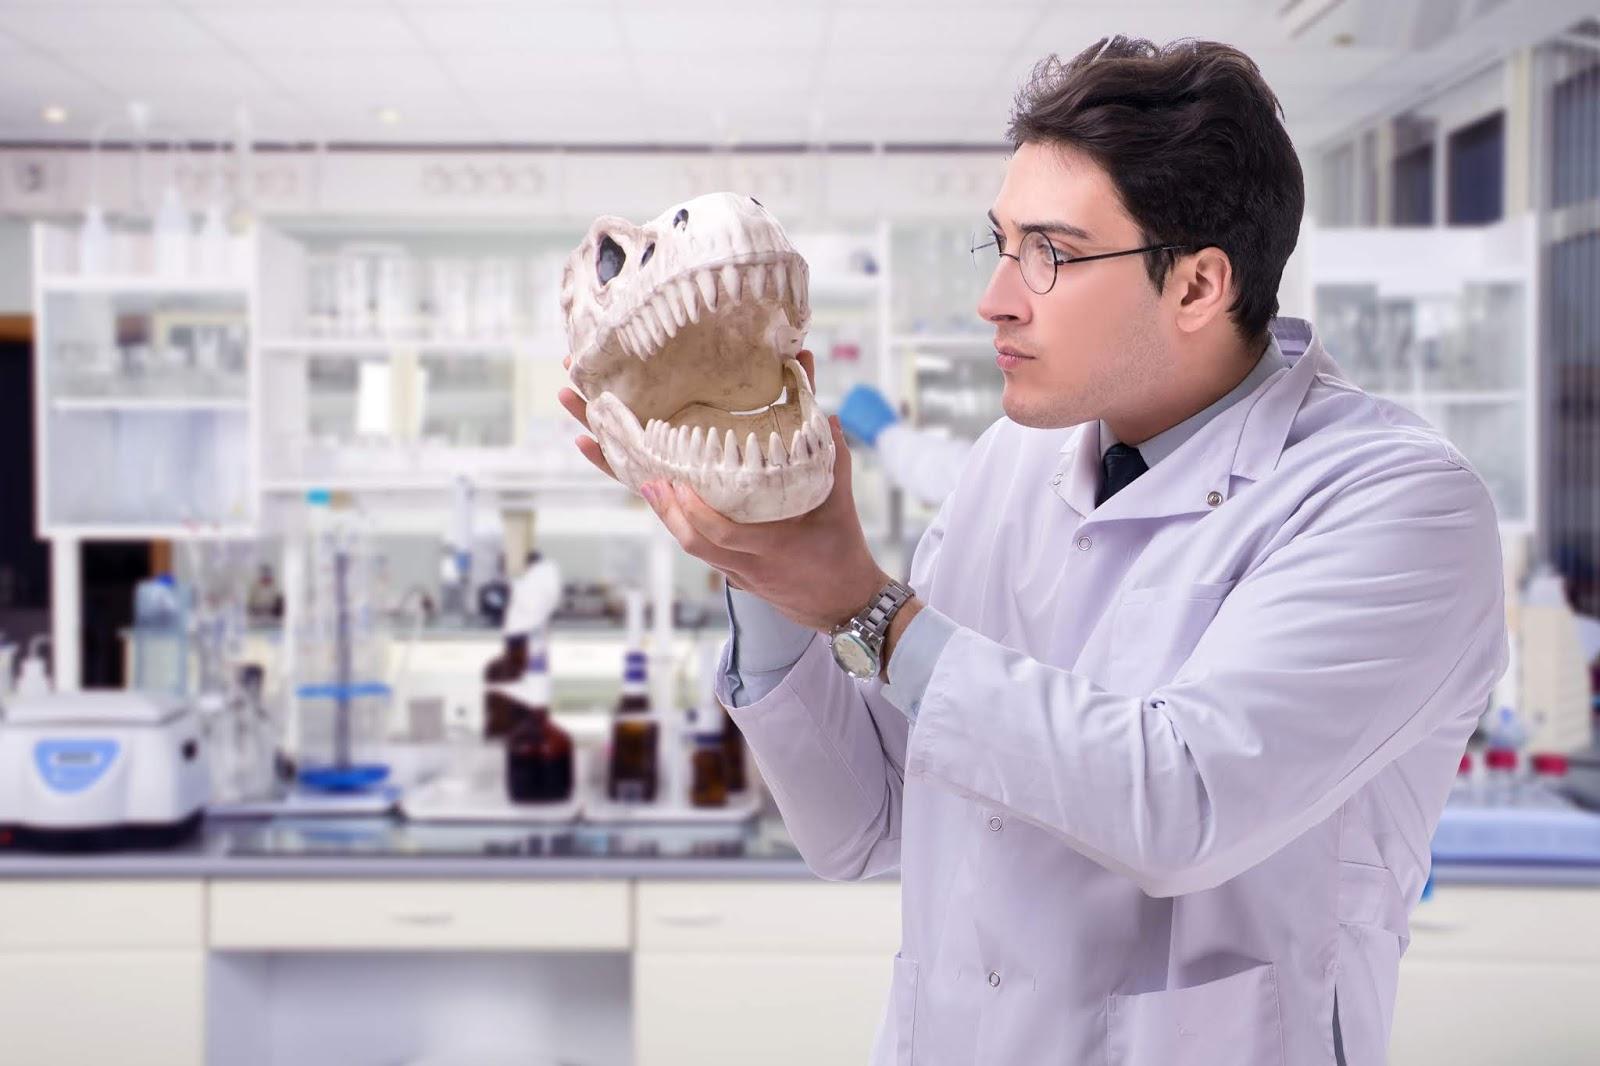 Paläontologen gelingt Herstellung künstlicher Dinosaurierknochen [Video]